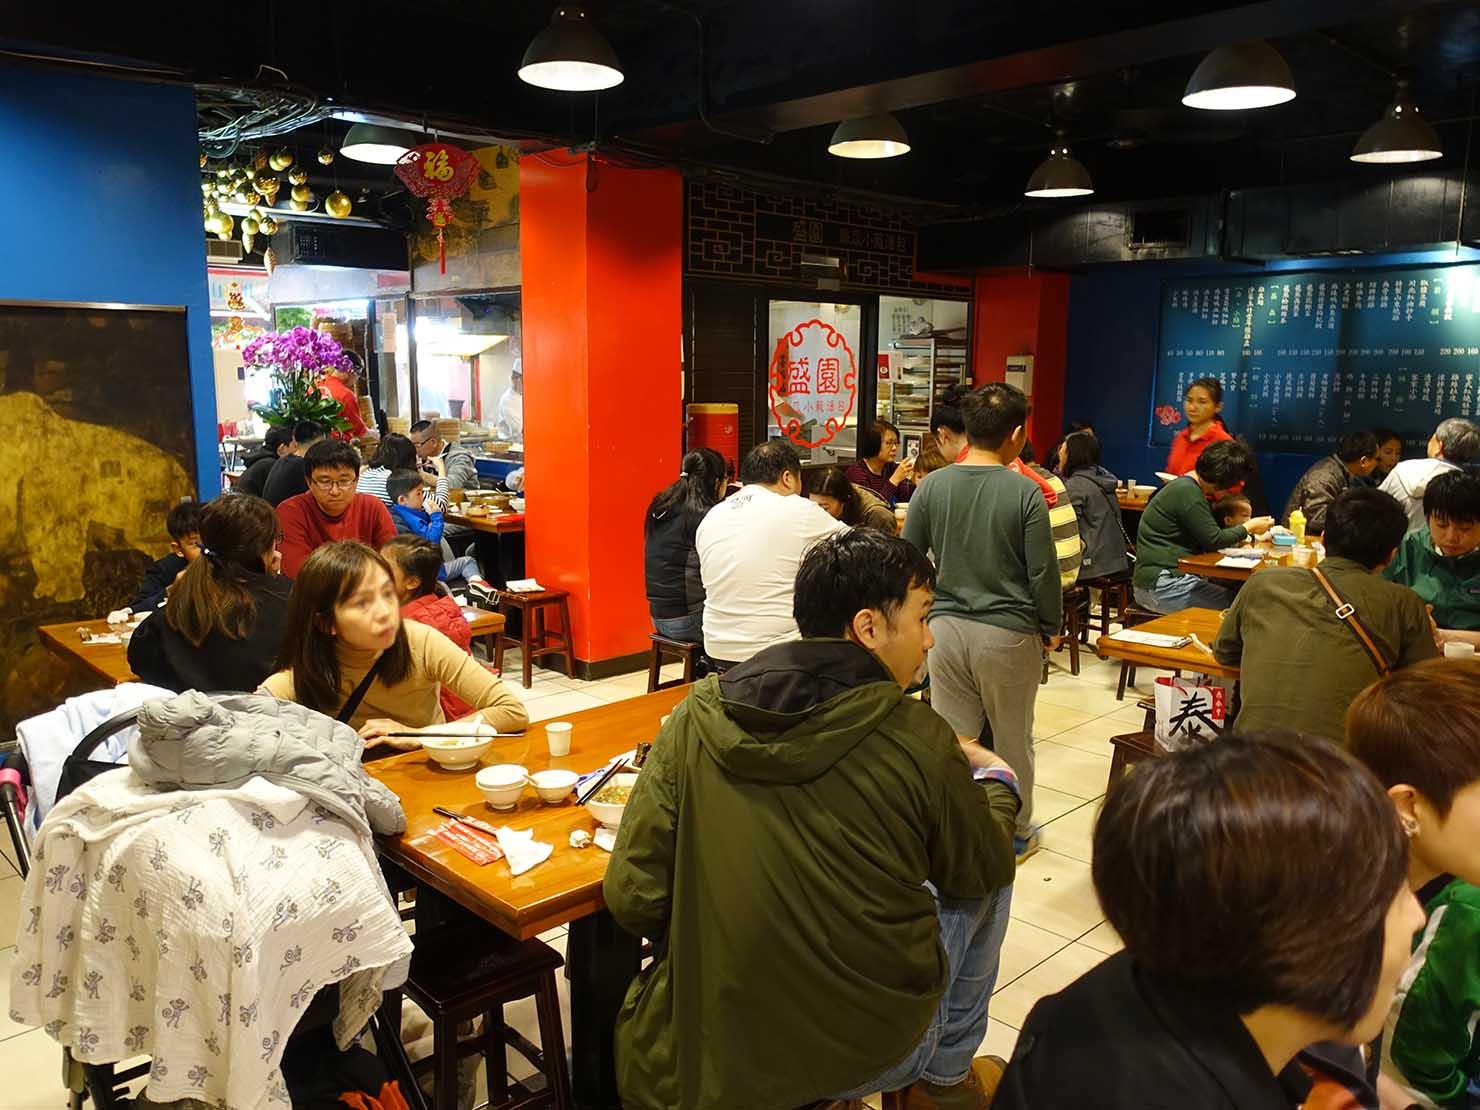 台北・中正紀念堂のおすすめグルメ店「盛園絲瓜小籠湯包」の店内